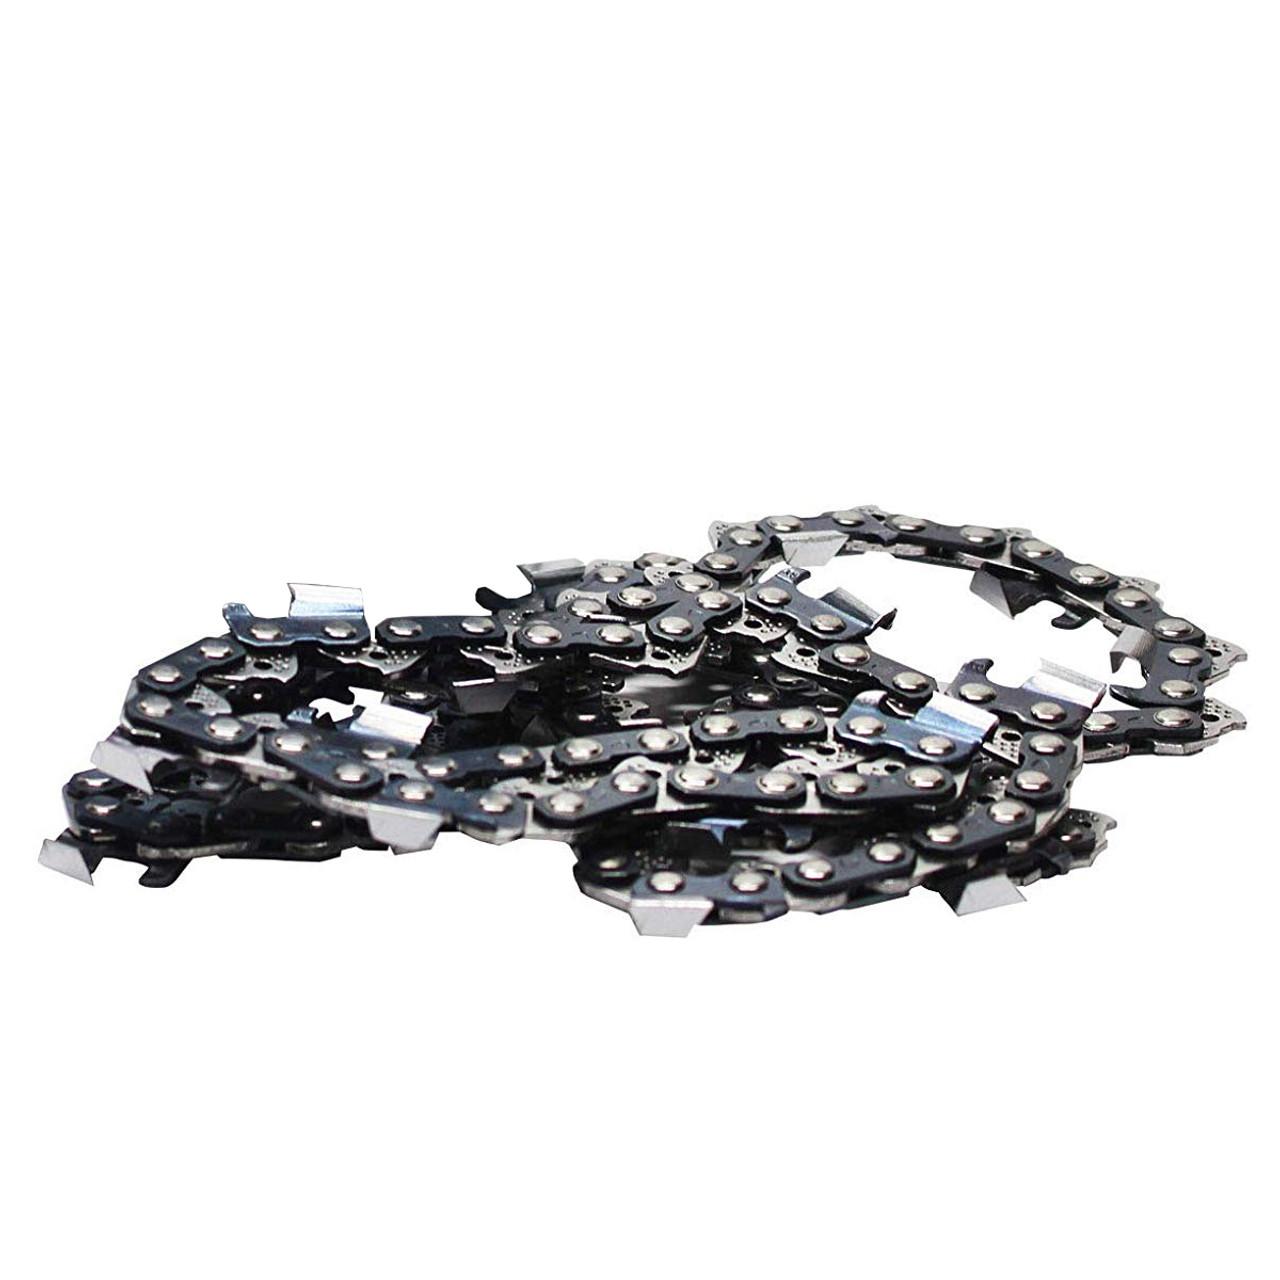 CS-590 Chain 72LPX70CQ packaged view